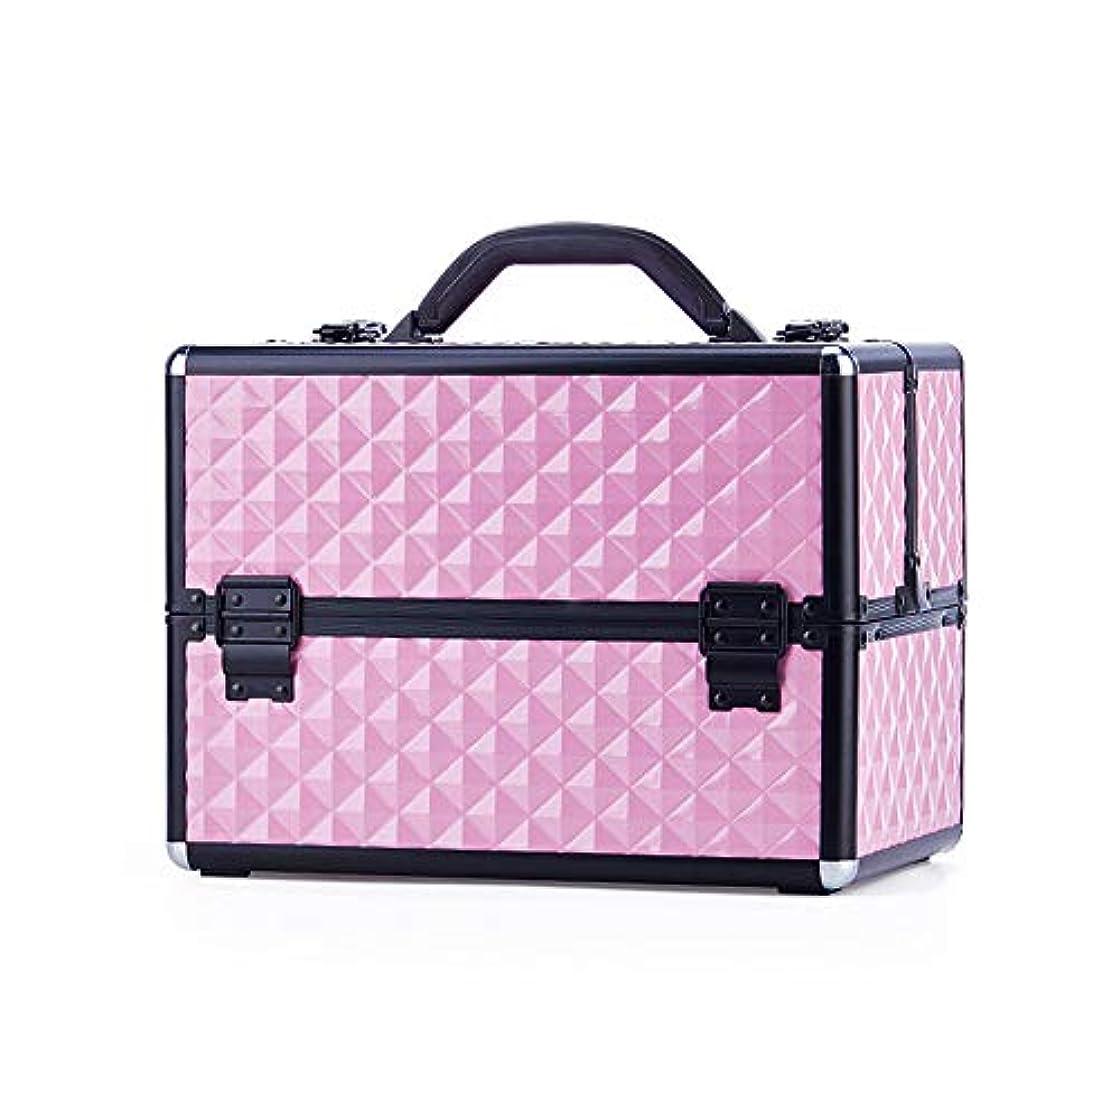 農業事業内容タービン特大スペース収納ビューティーボックス 美の構造のためそしてジッパーおよび折る皿が付いている女の子の女性旅行そして毎日の貯蔵のための高容量の携帯用化粧品袋 化粧品化粧台 (色 : ピンク)